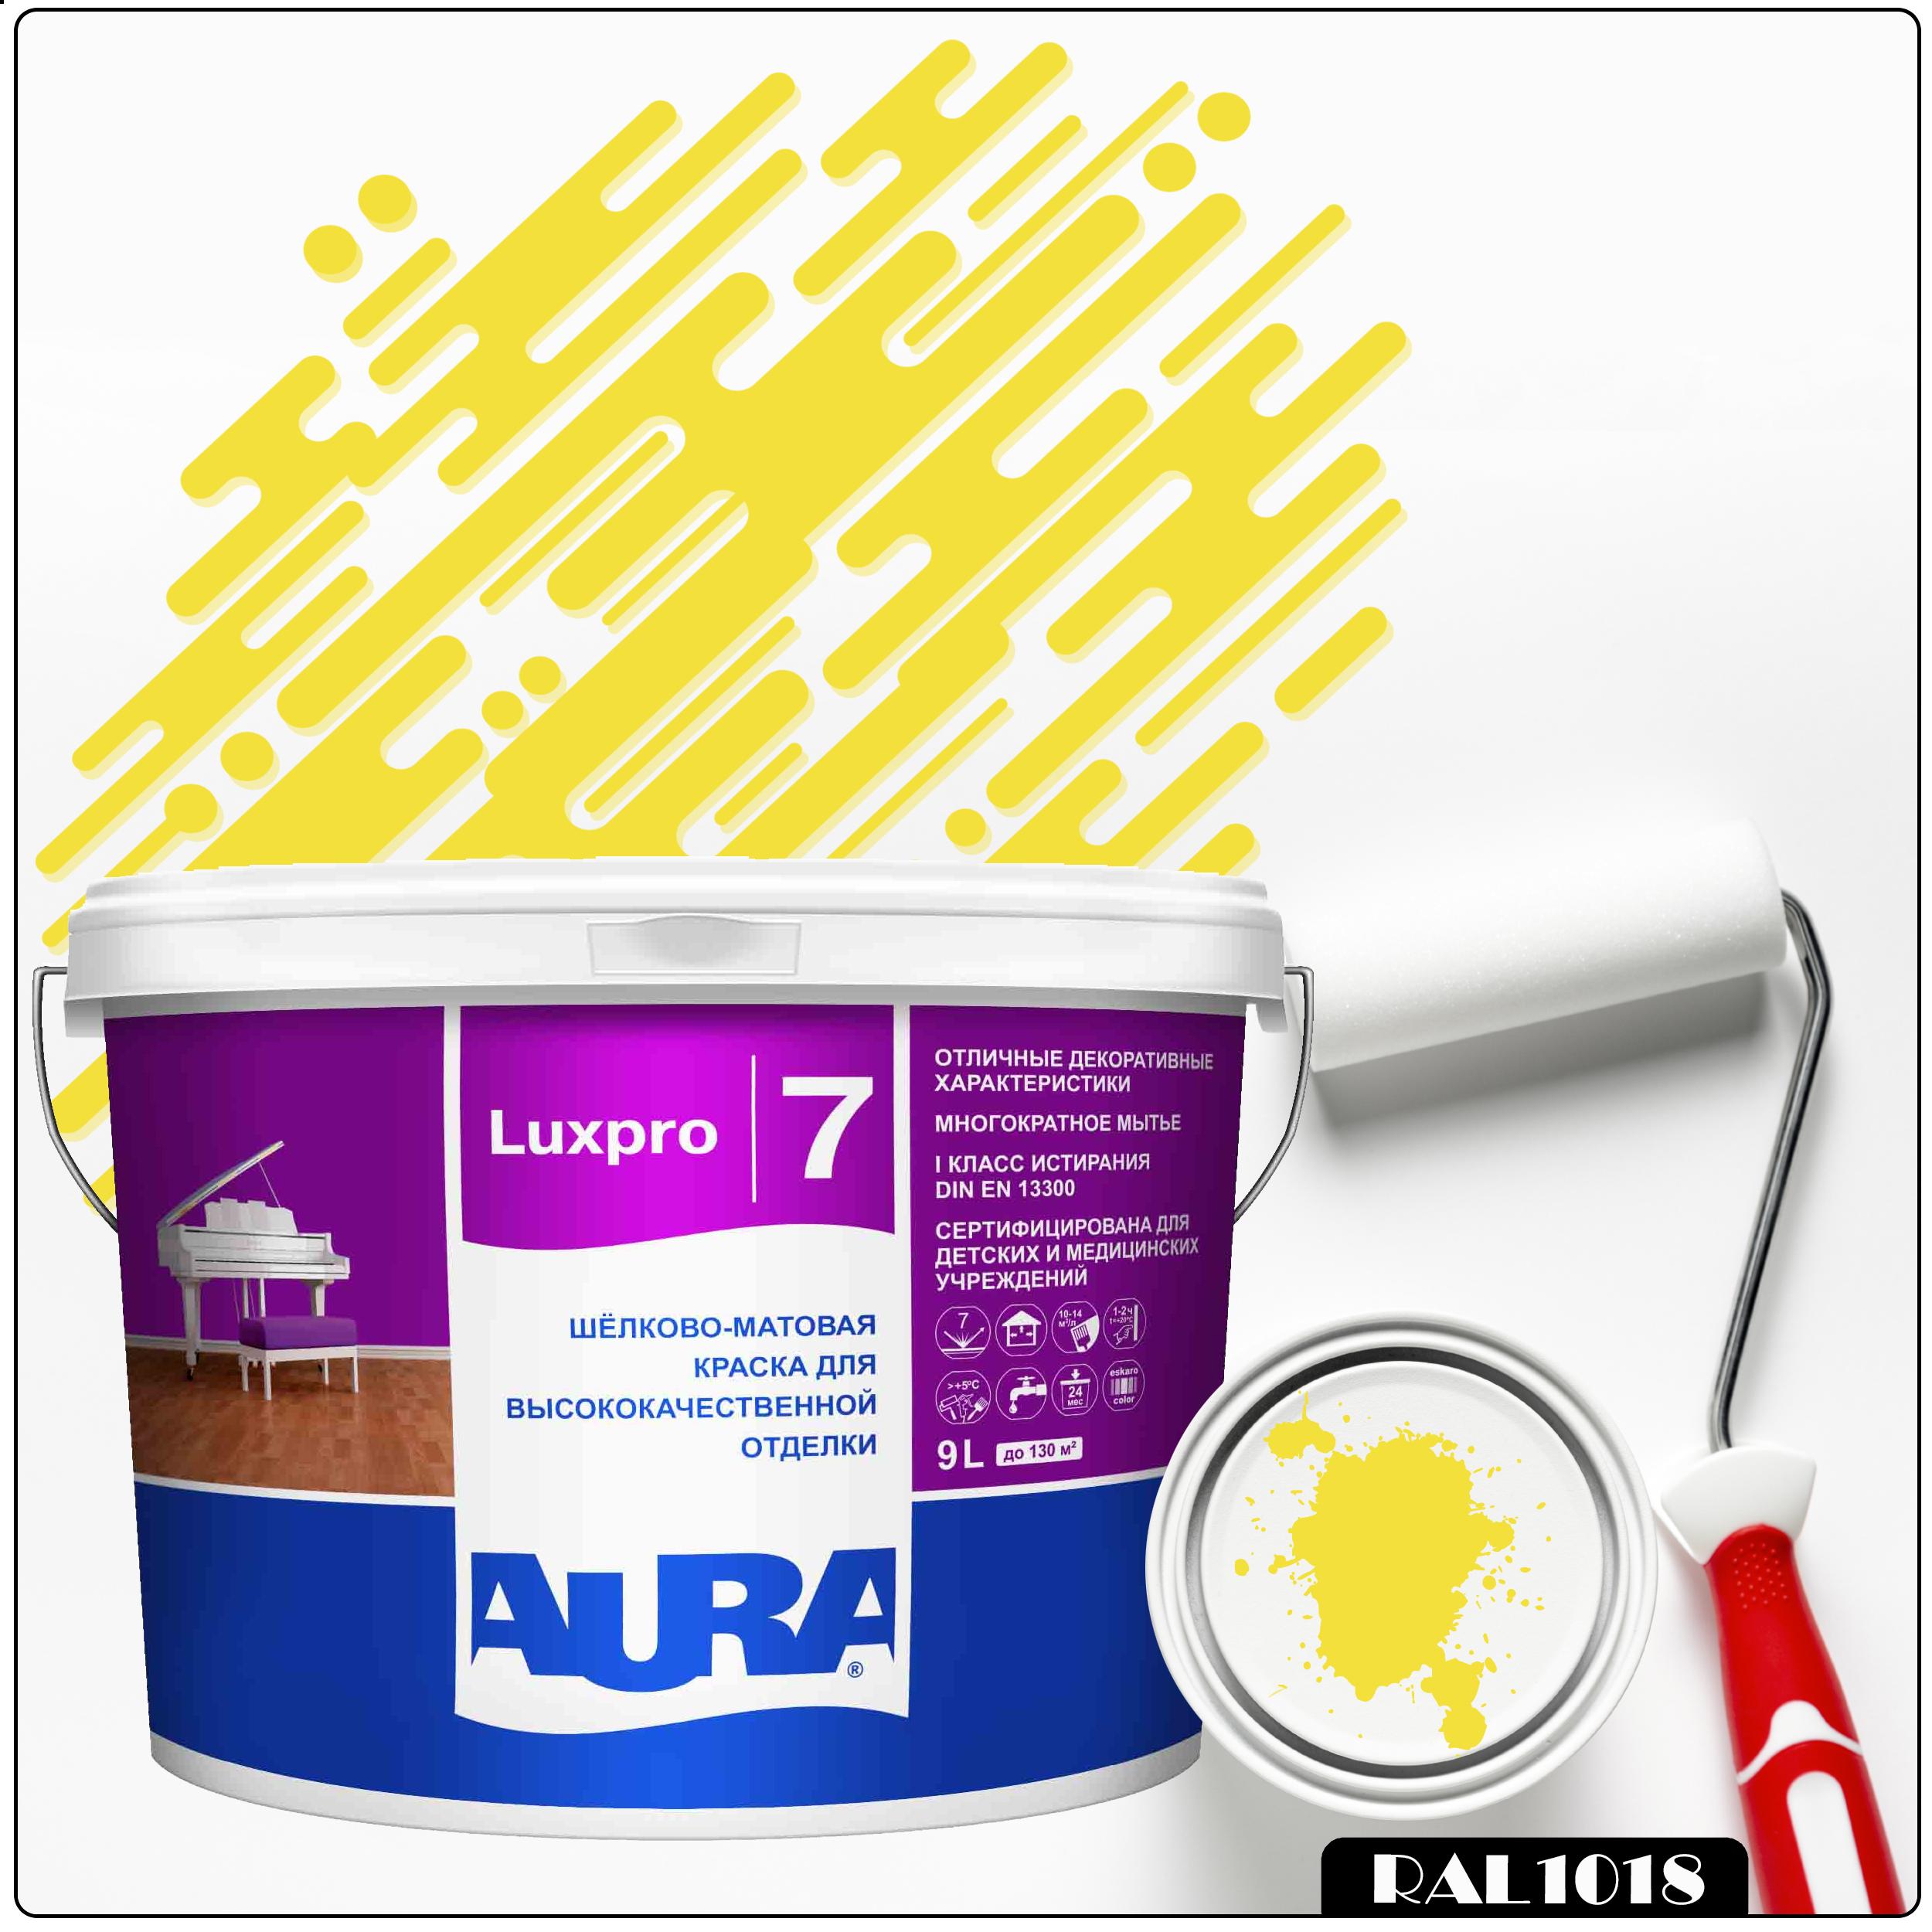 Фото 16 - Краска Aura LuxPRO 7, RAL 1018 Цинково-жёлтый, латексная, шелково-матовая, интерьерная, 9л, Аура.